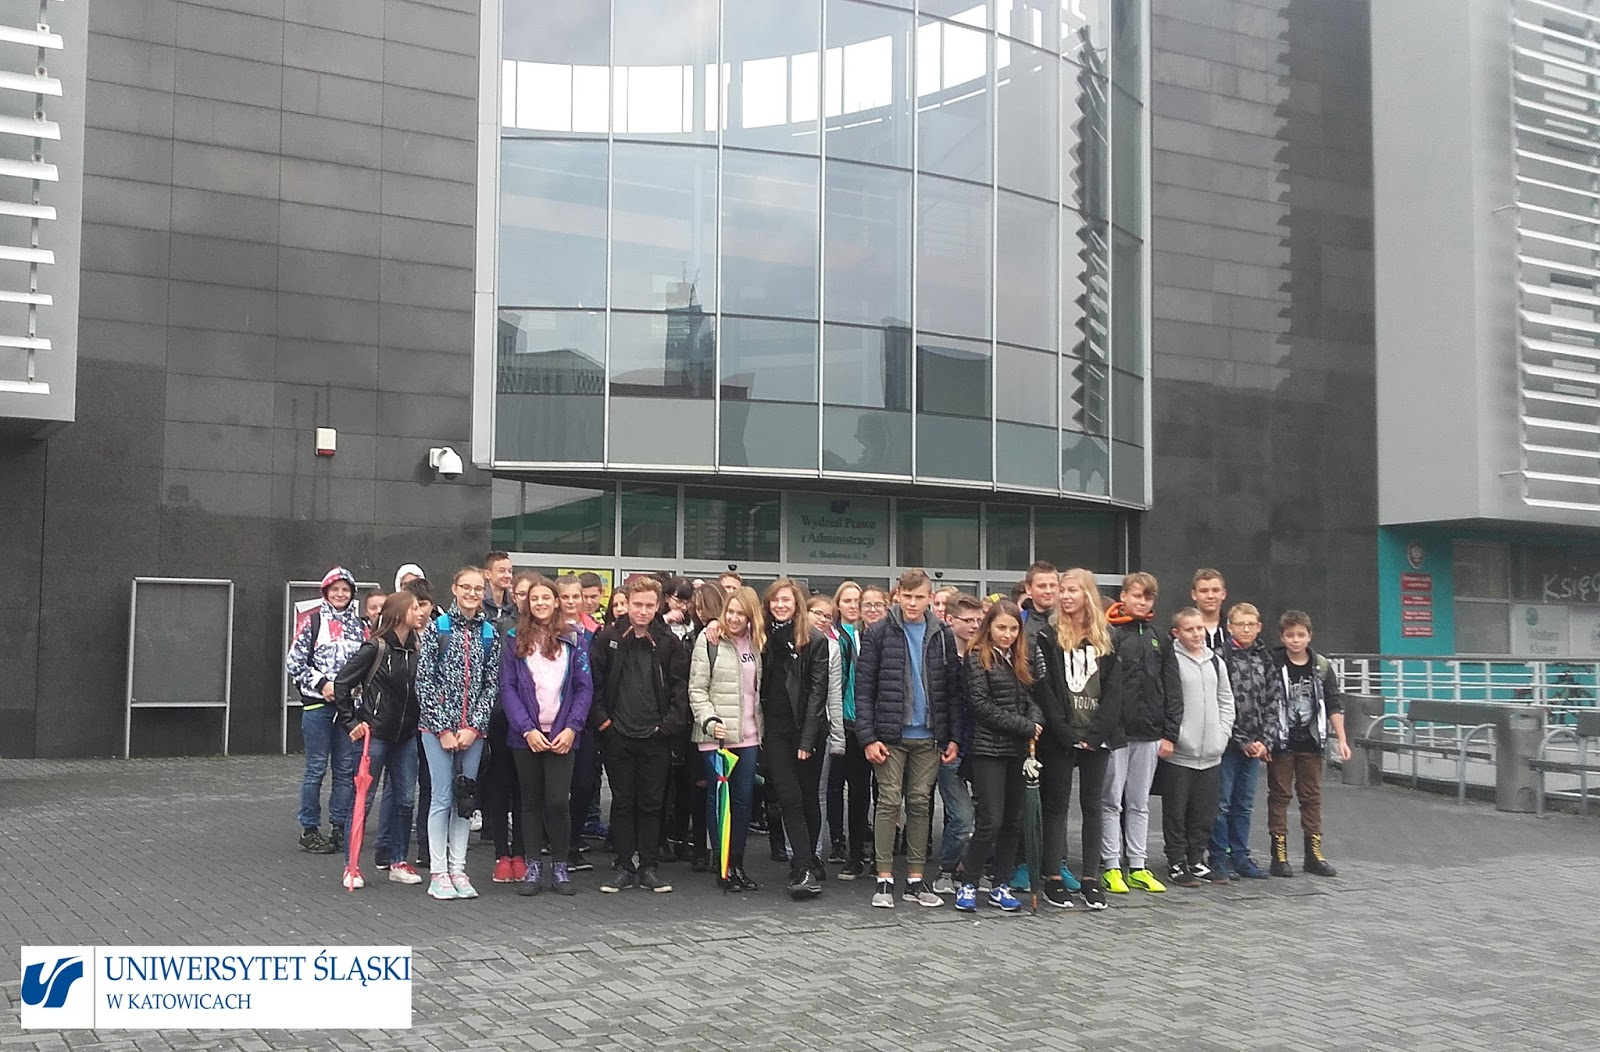 Uniwersytet Śląski - tam byliśmy!